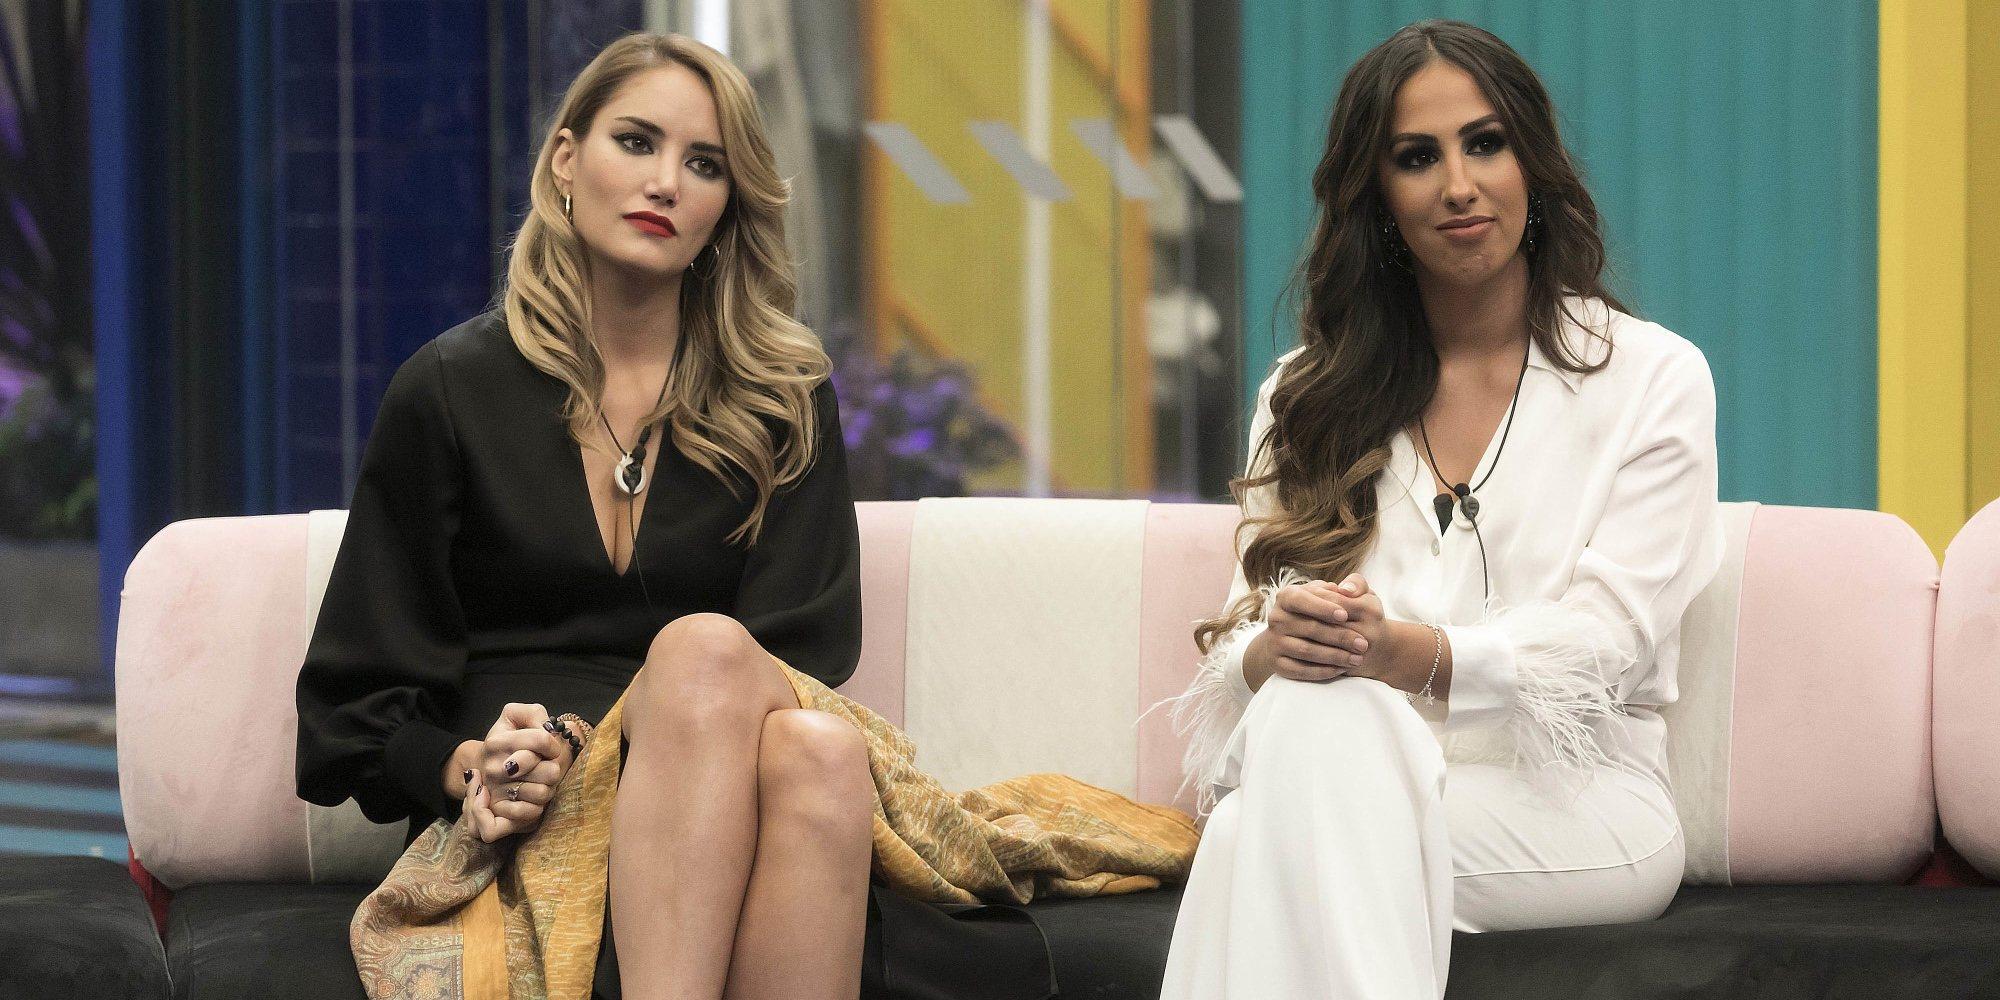 Alba Carrillo se reencuentra con Irene Junquera y Noemí Salazar con indirecta a sus compañeros de 'GH VIP 7'